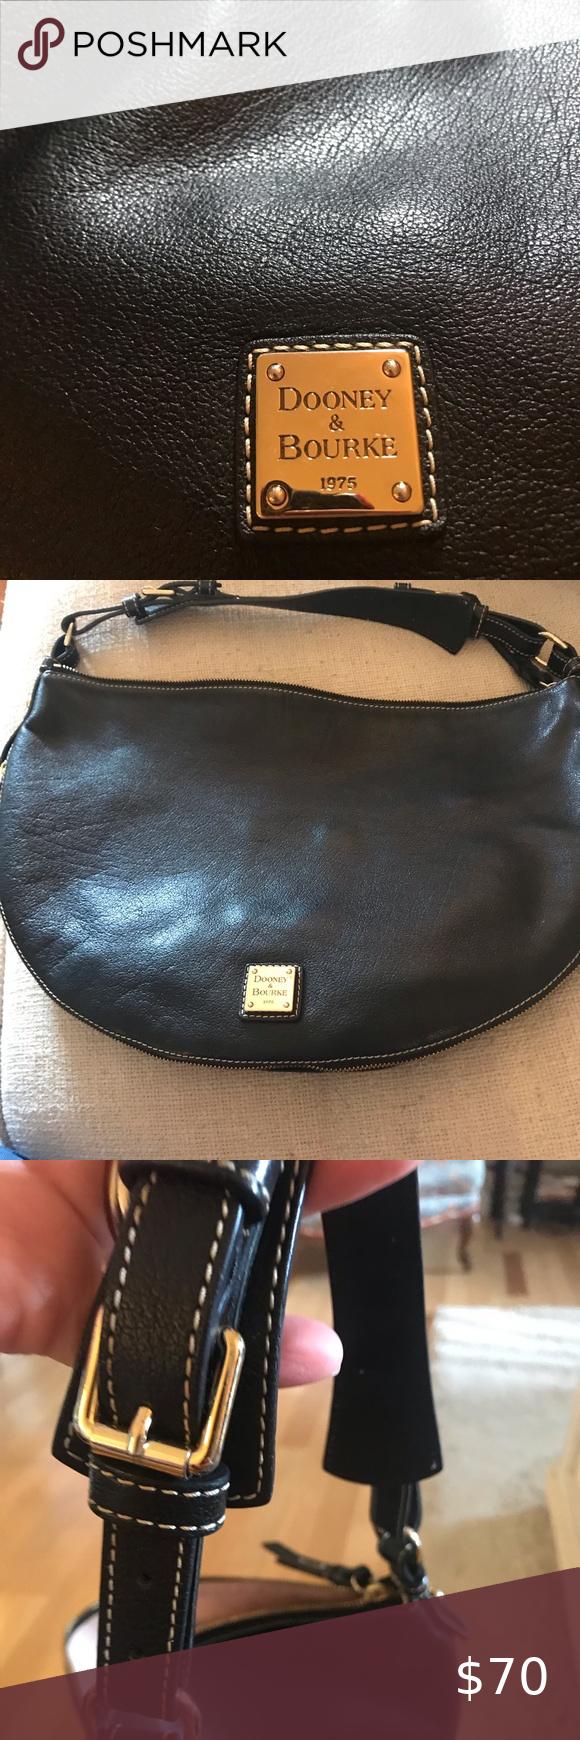 Black Leather Dooney Bourke Shoulder